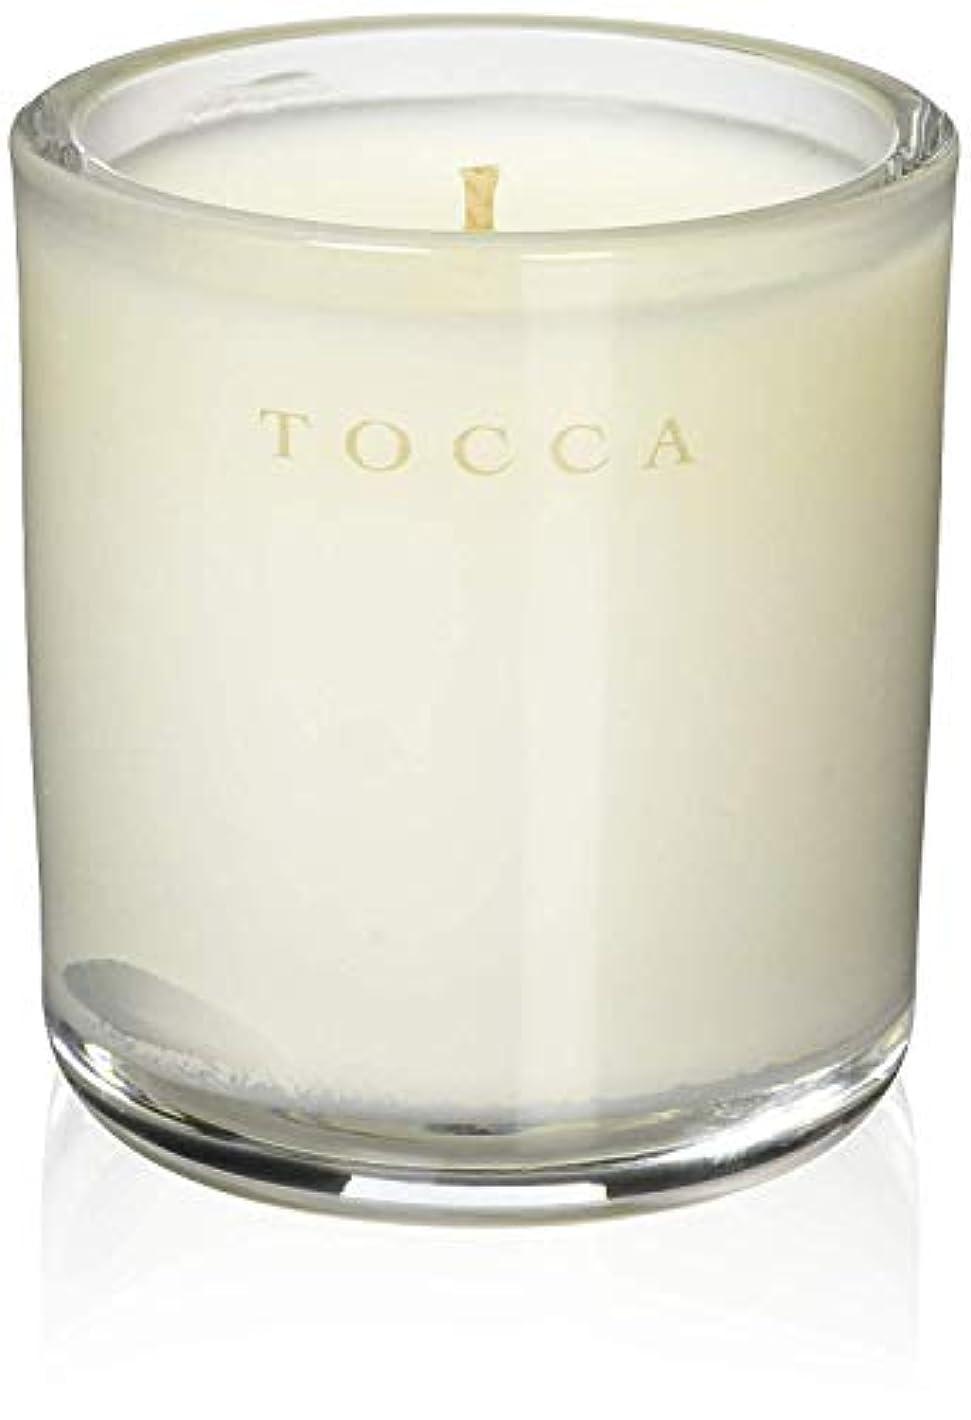 加速度抗生物質可聴TOCCA(トッカ) ボヤージュ キャンデリーナ モントーク 85g (ろうそく 芳香 キューカンバーの爽やかな香り)